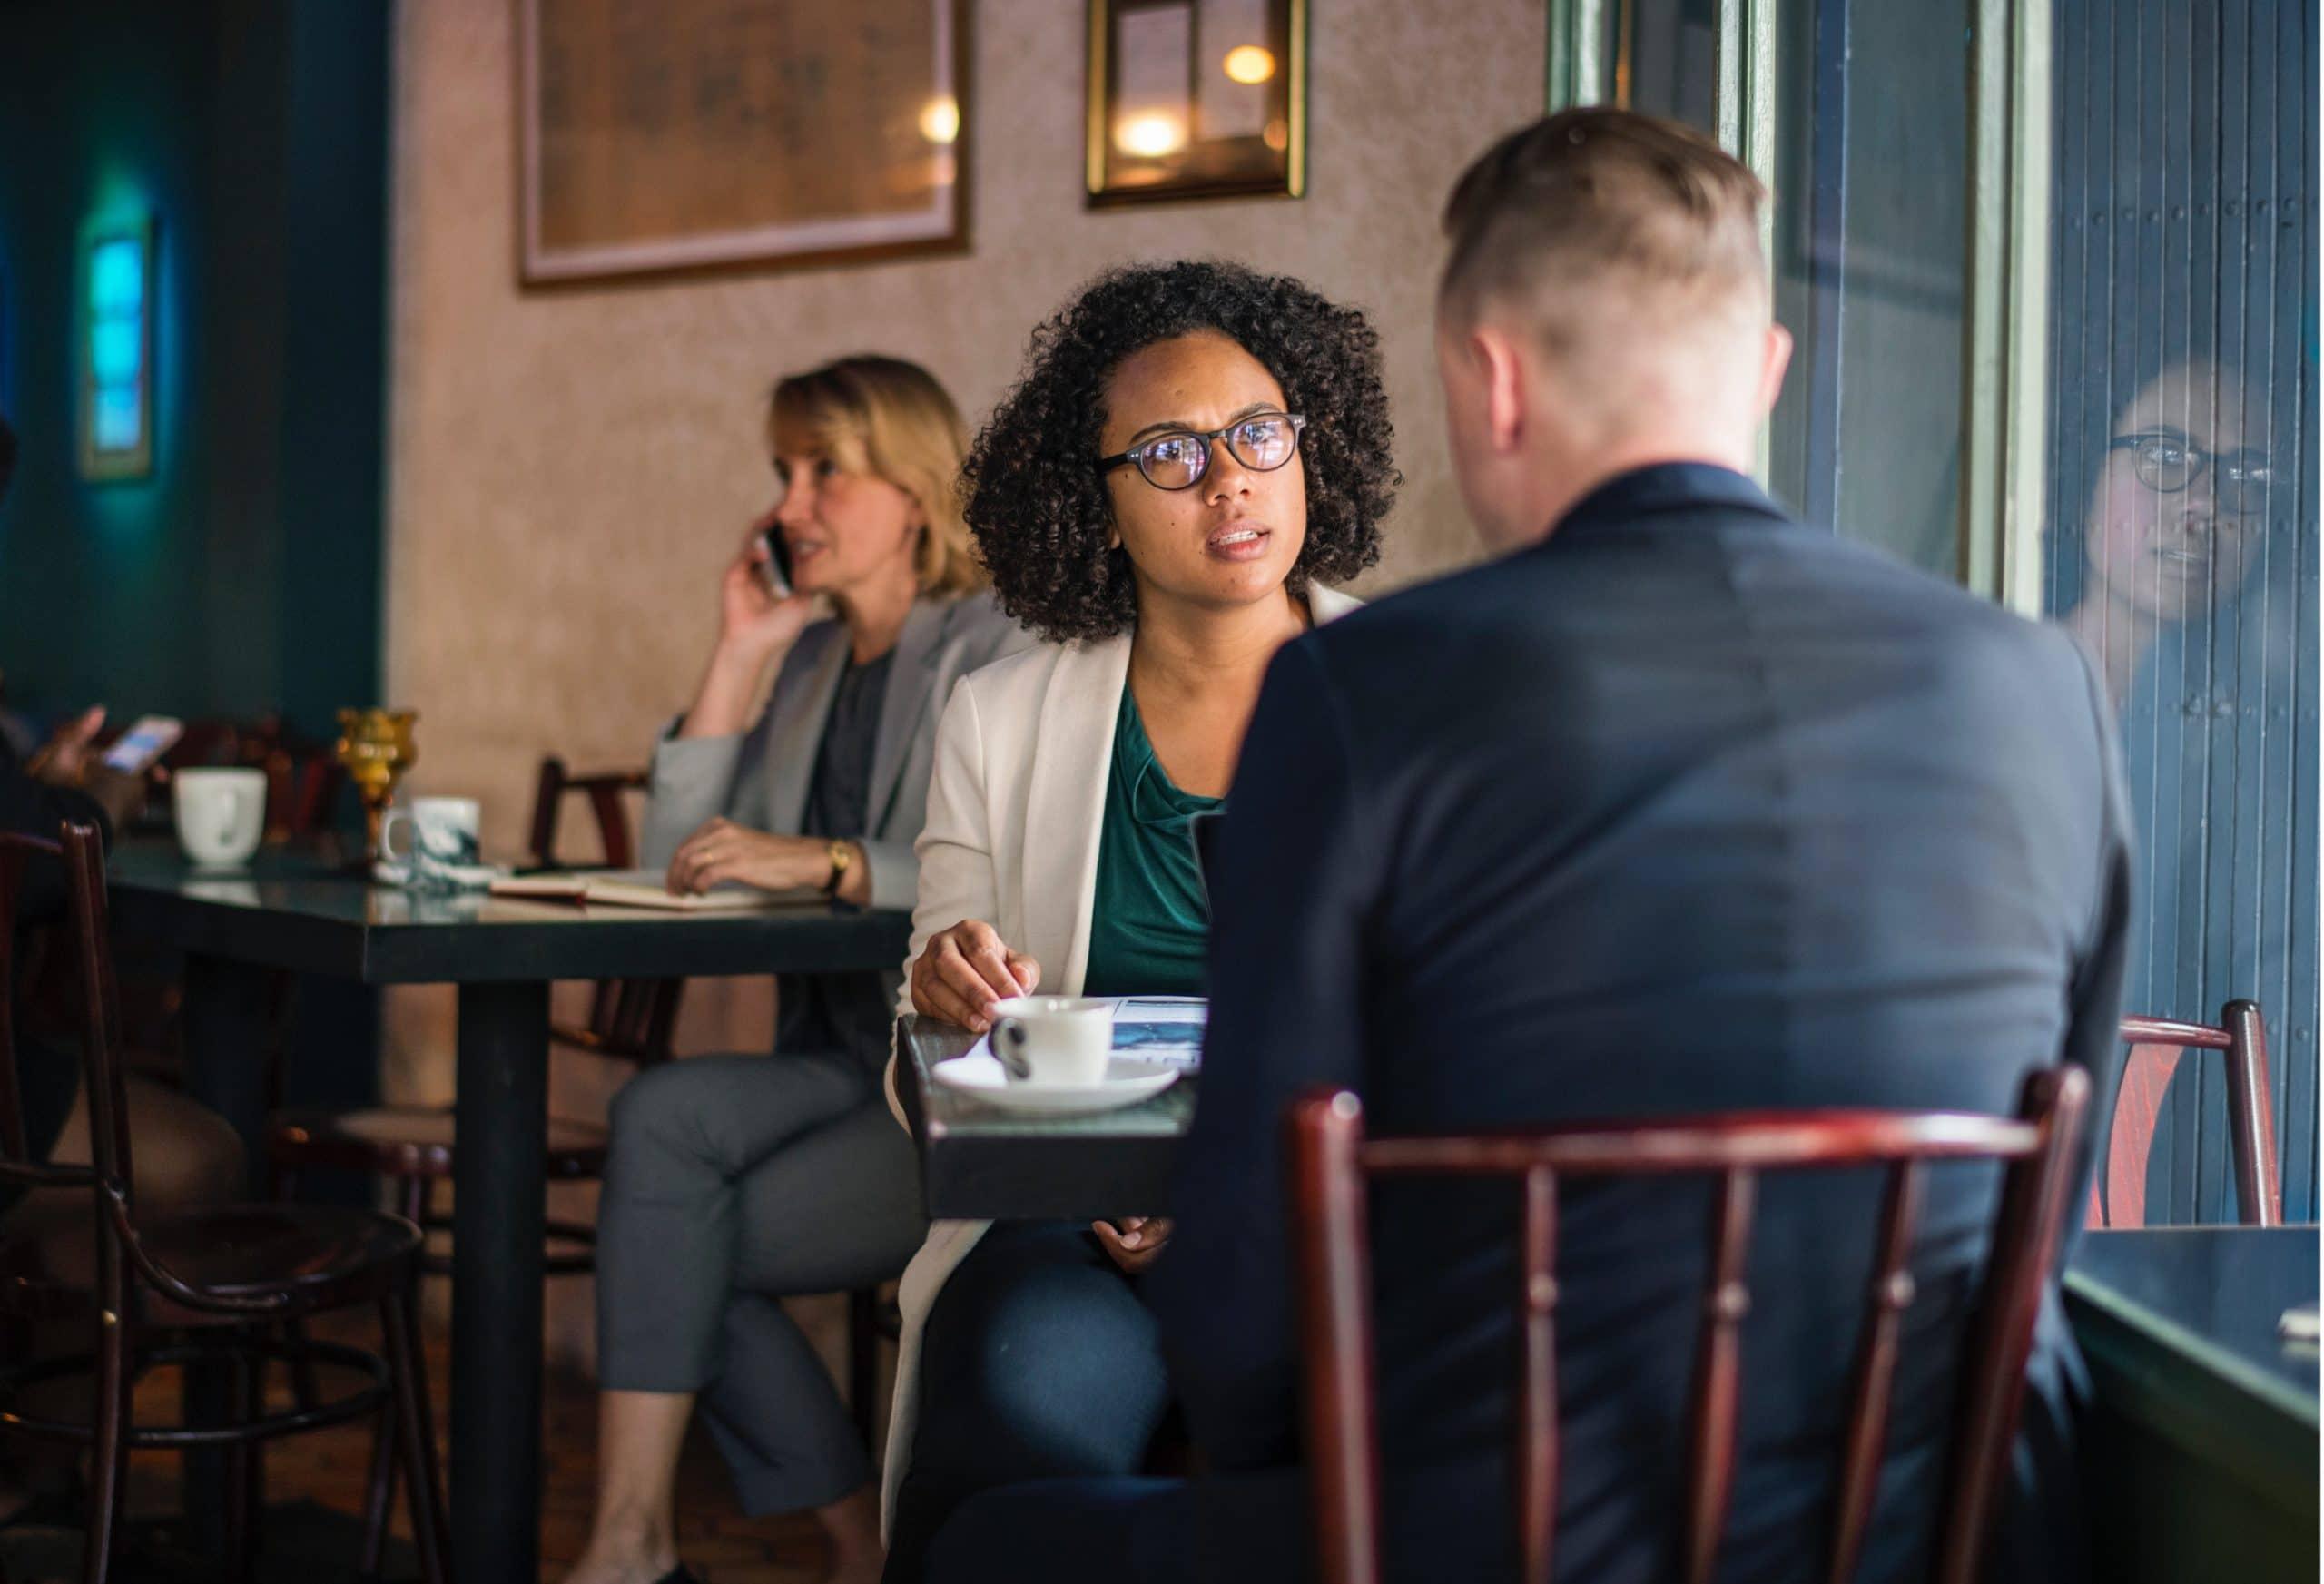 Duas pessoas discutindo em um restaurante.